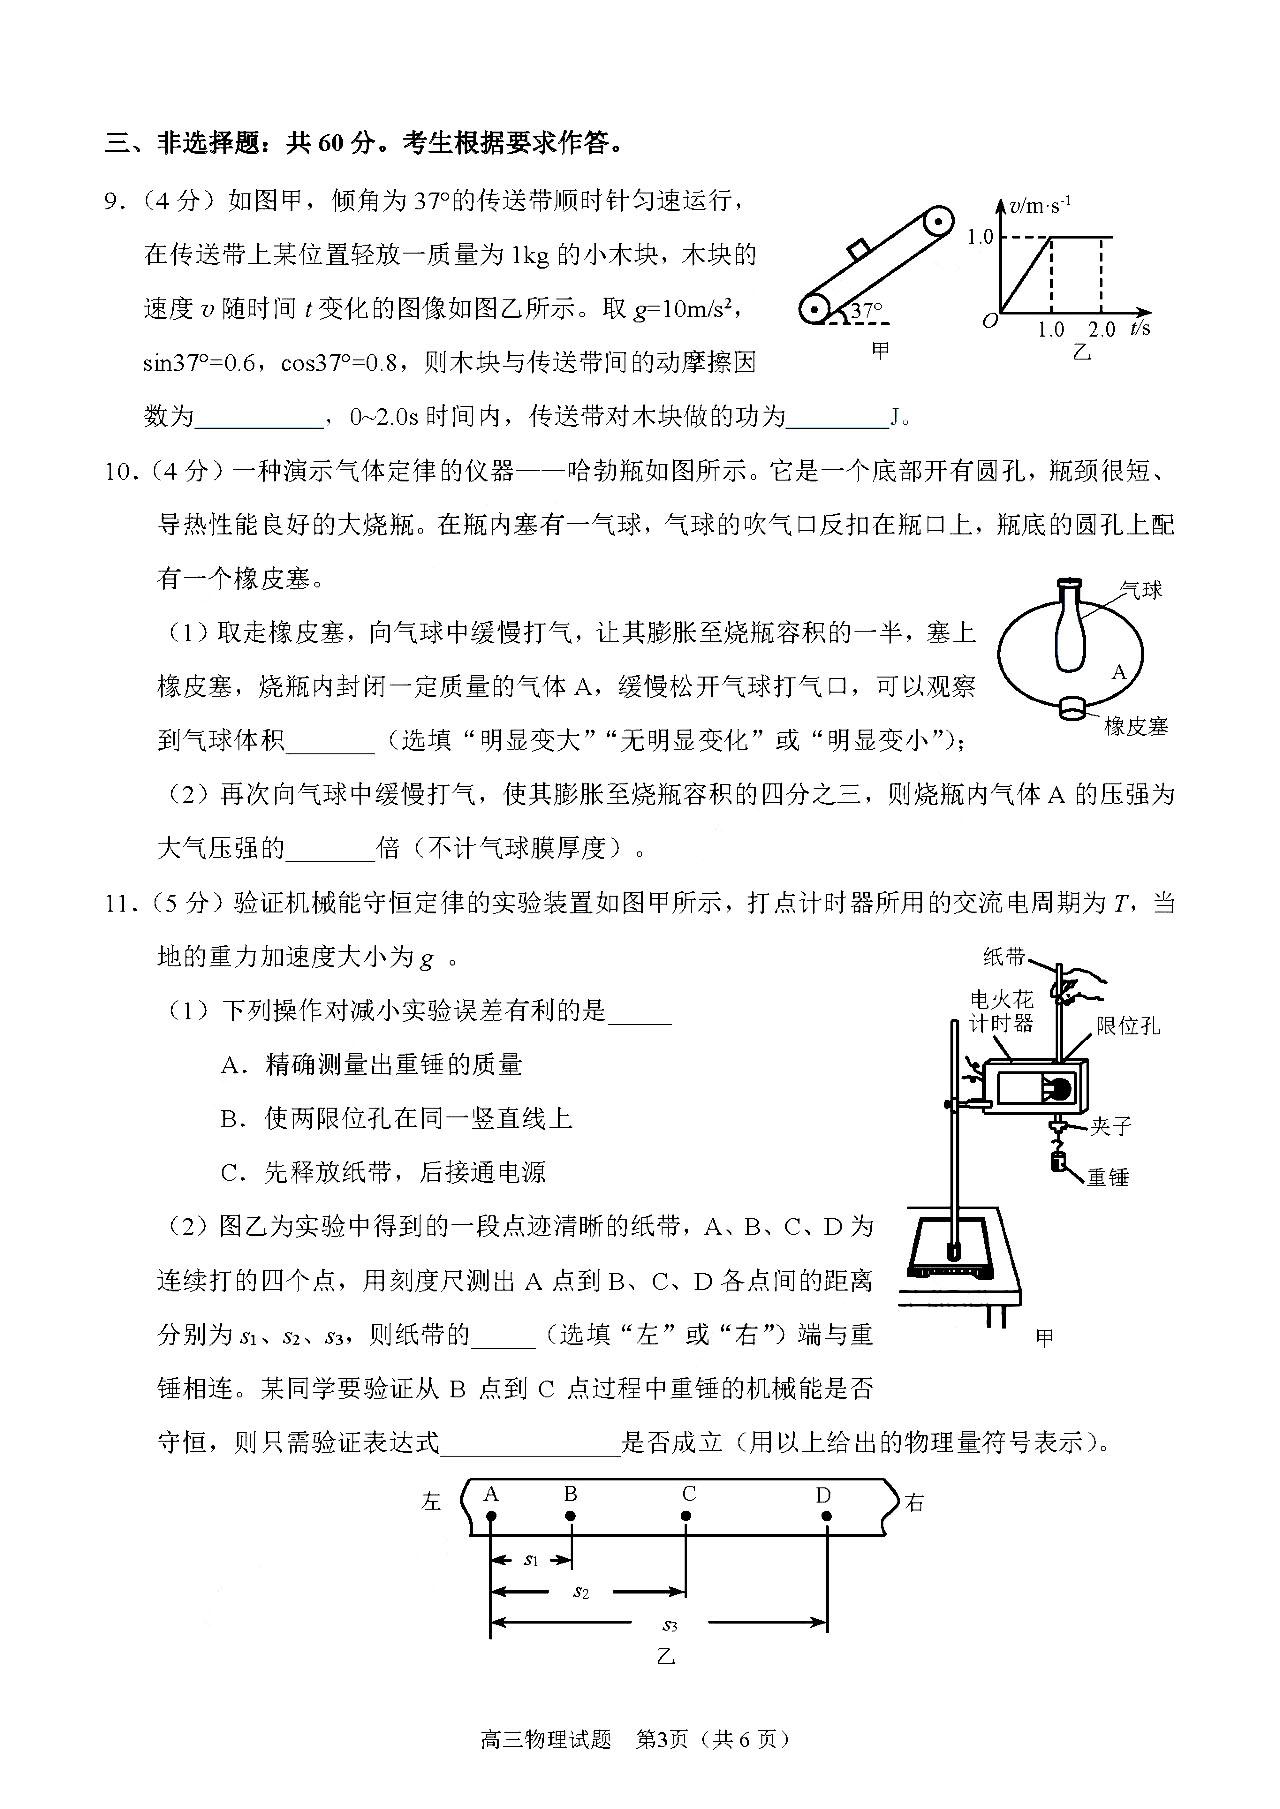 2021福建泉州一检高三物理试卷答案解析图3